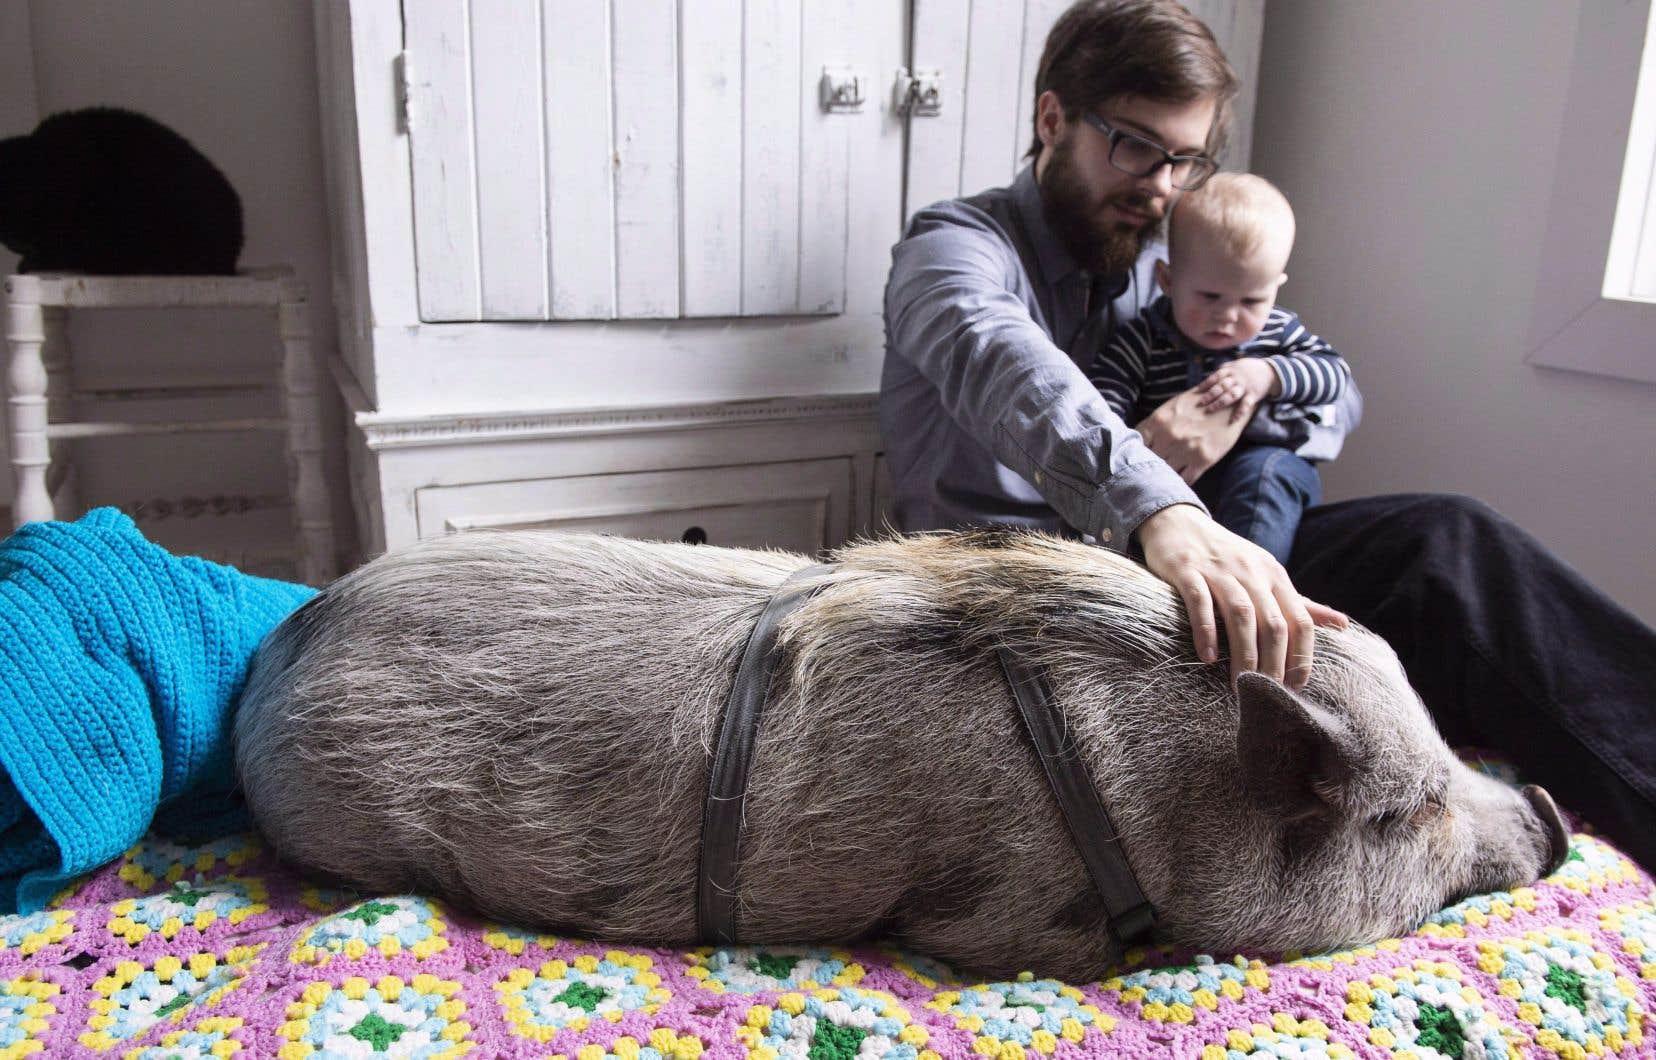 Le mois dernier, le cochon Babe avait fait les manchettes.